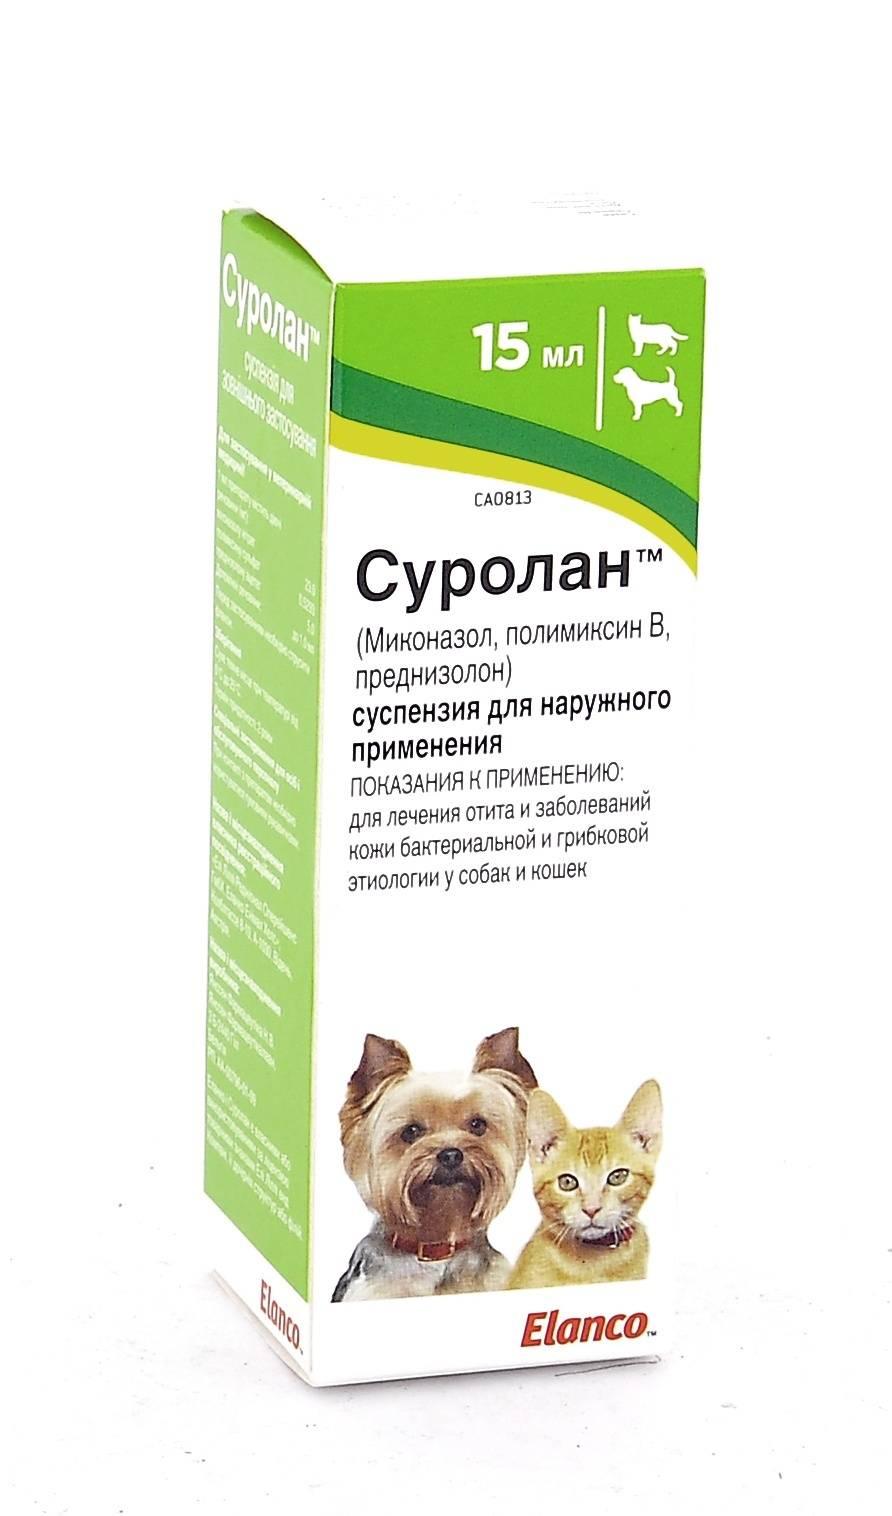 Какие капли помогают при отите у кошек? | мир кошек как выбрать эффективные капли от отита для кошки? | мир кошек